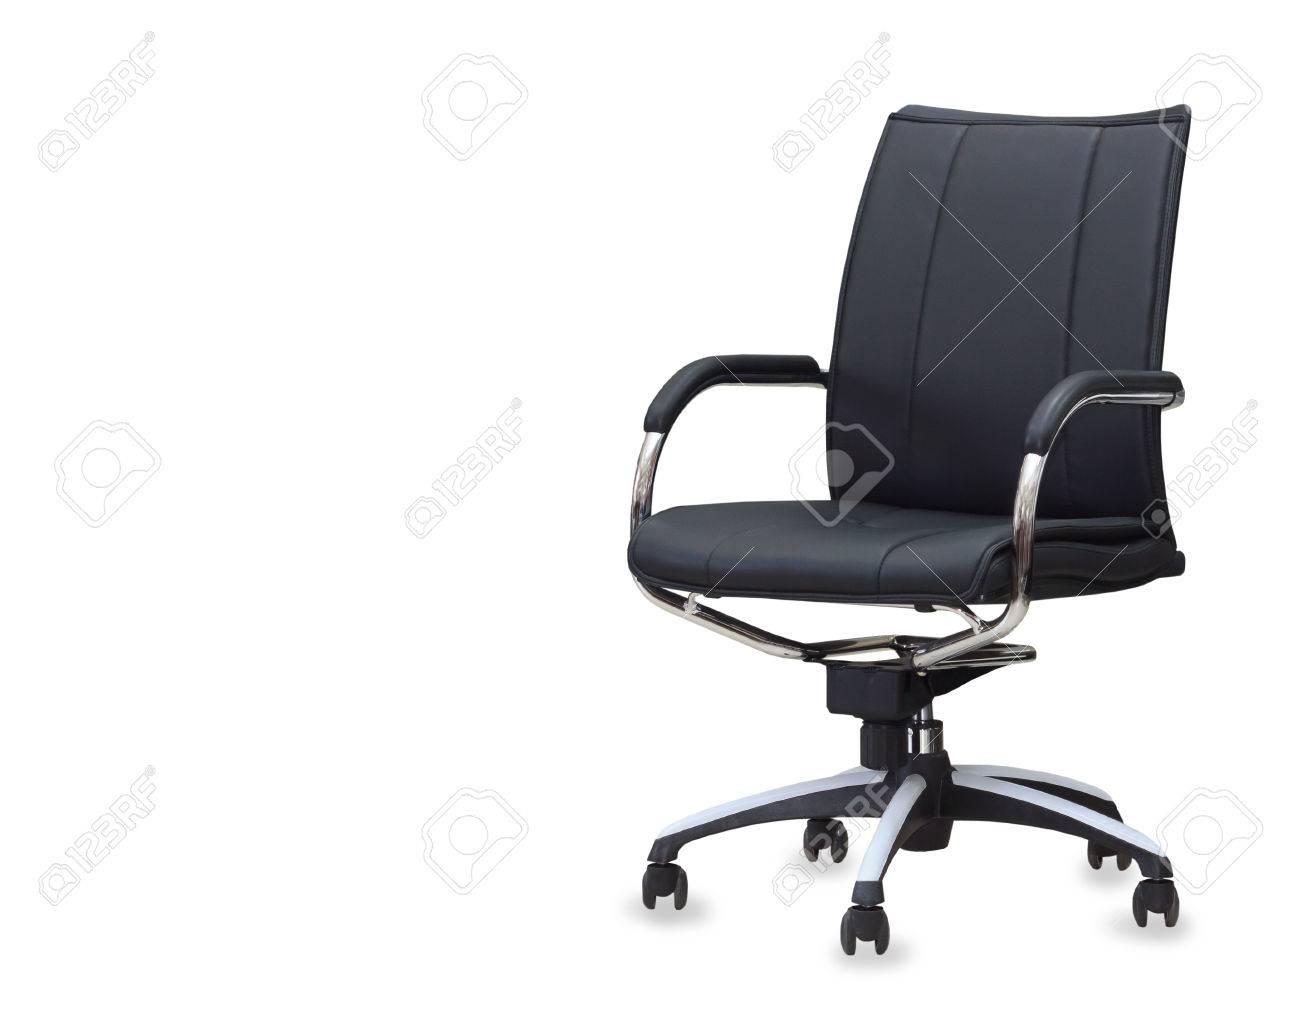 Bureau Stoel Leer.De Bureaustoel Van Zwart Leer Geisoleerd